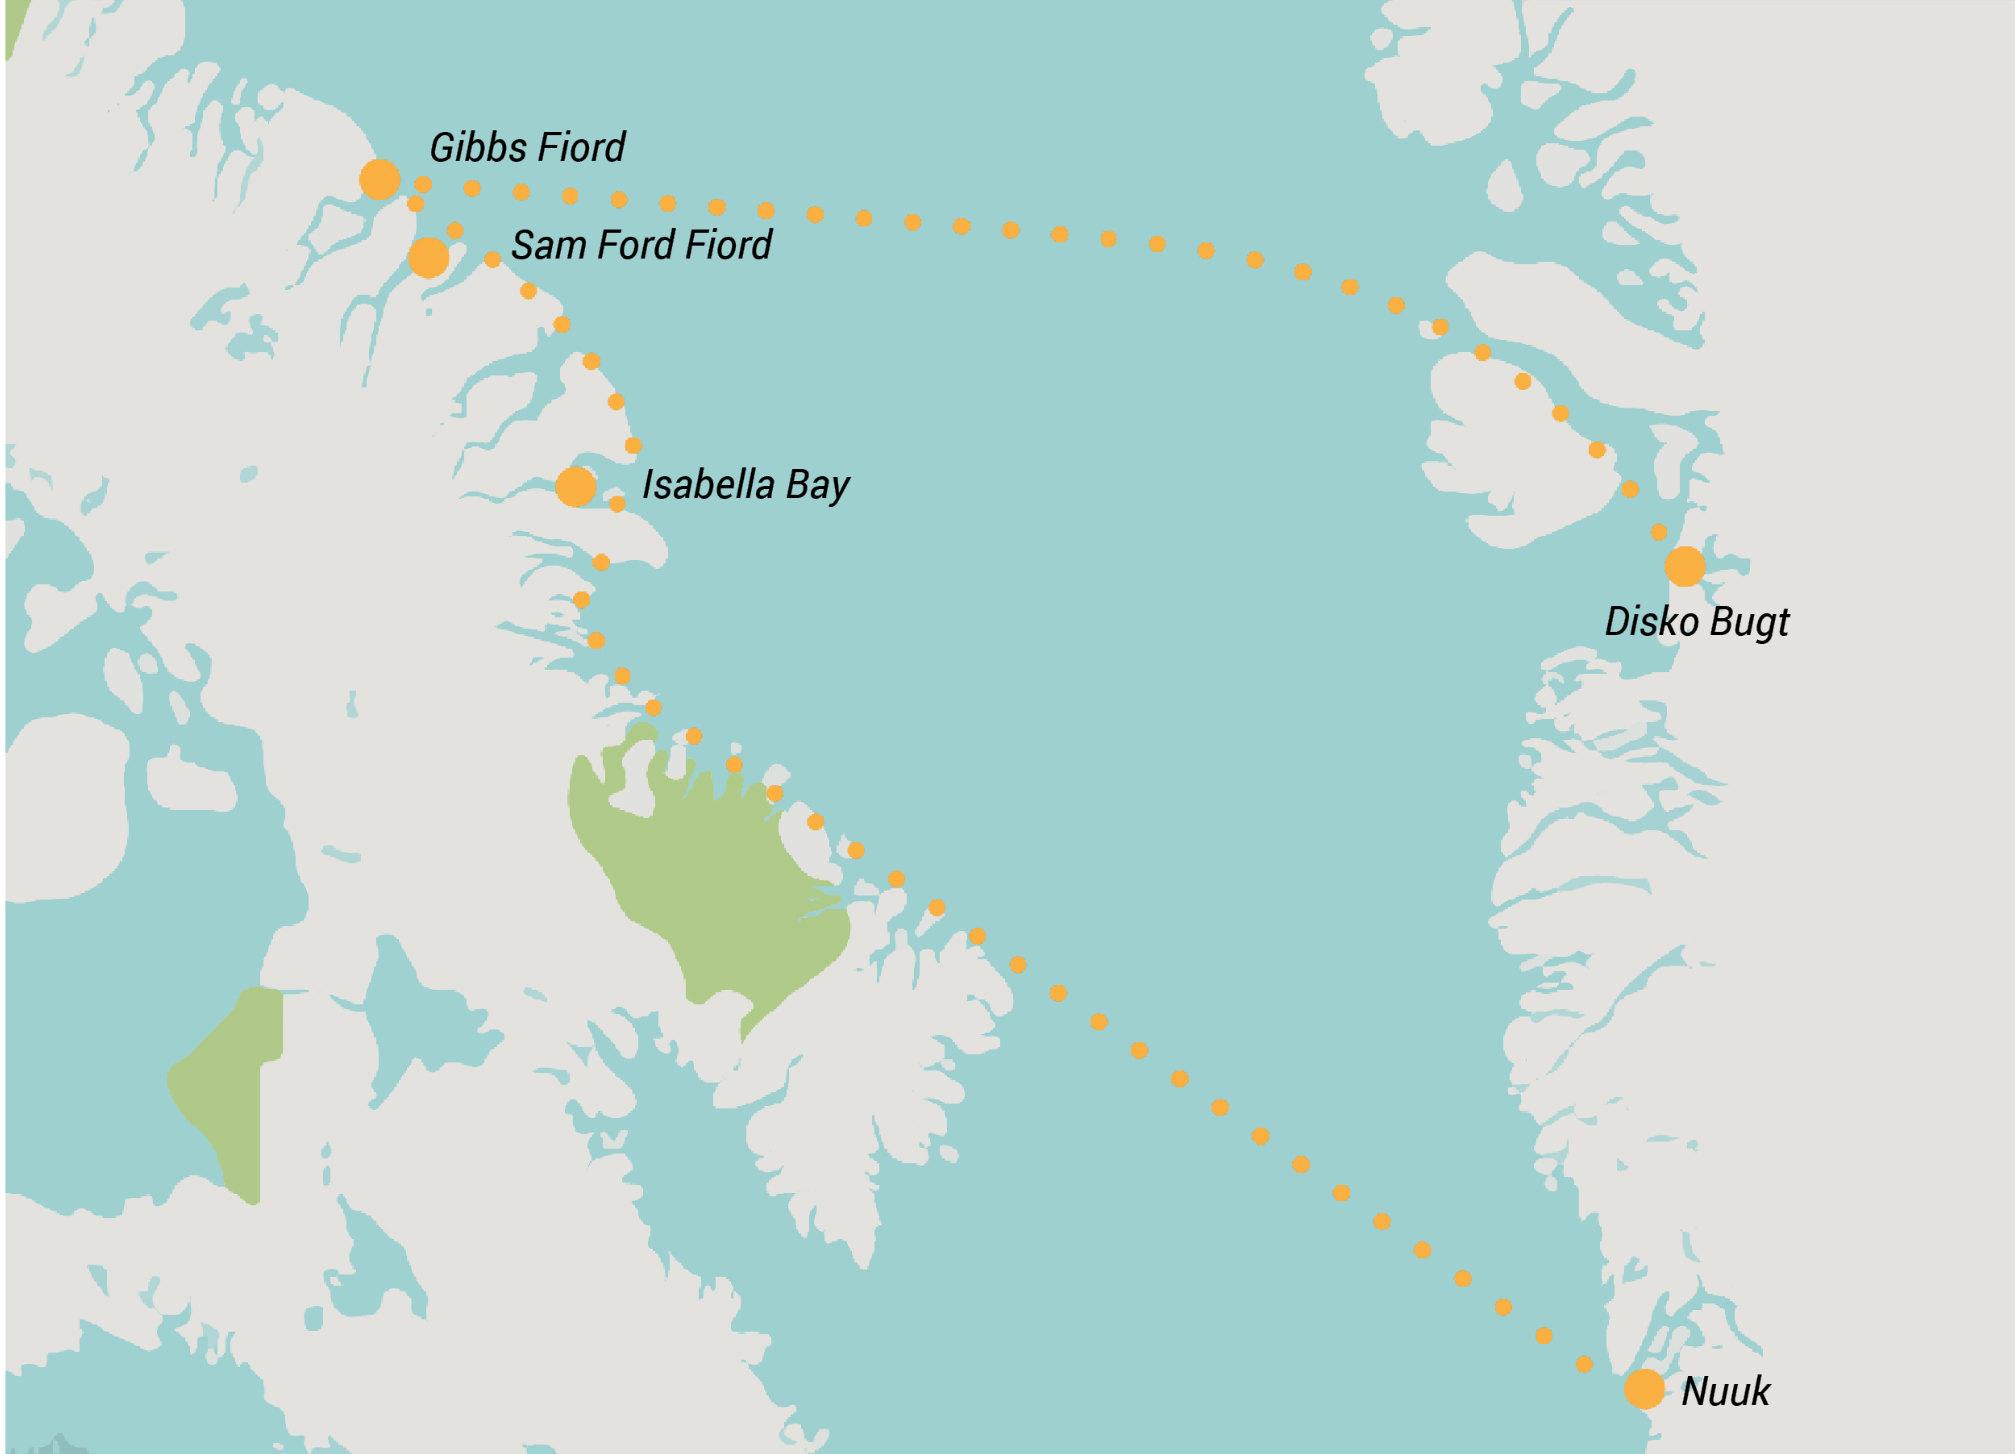 Baffin Island, Kayak baffin island